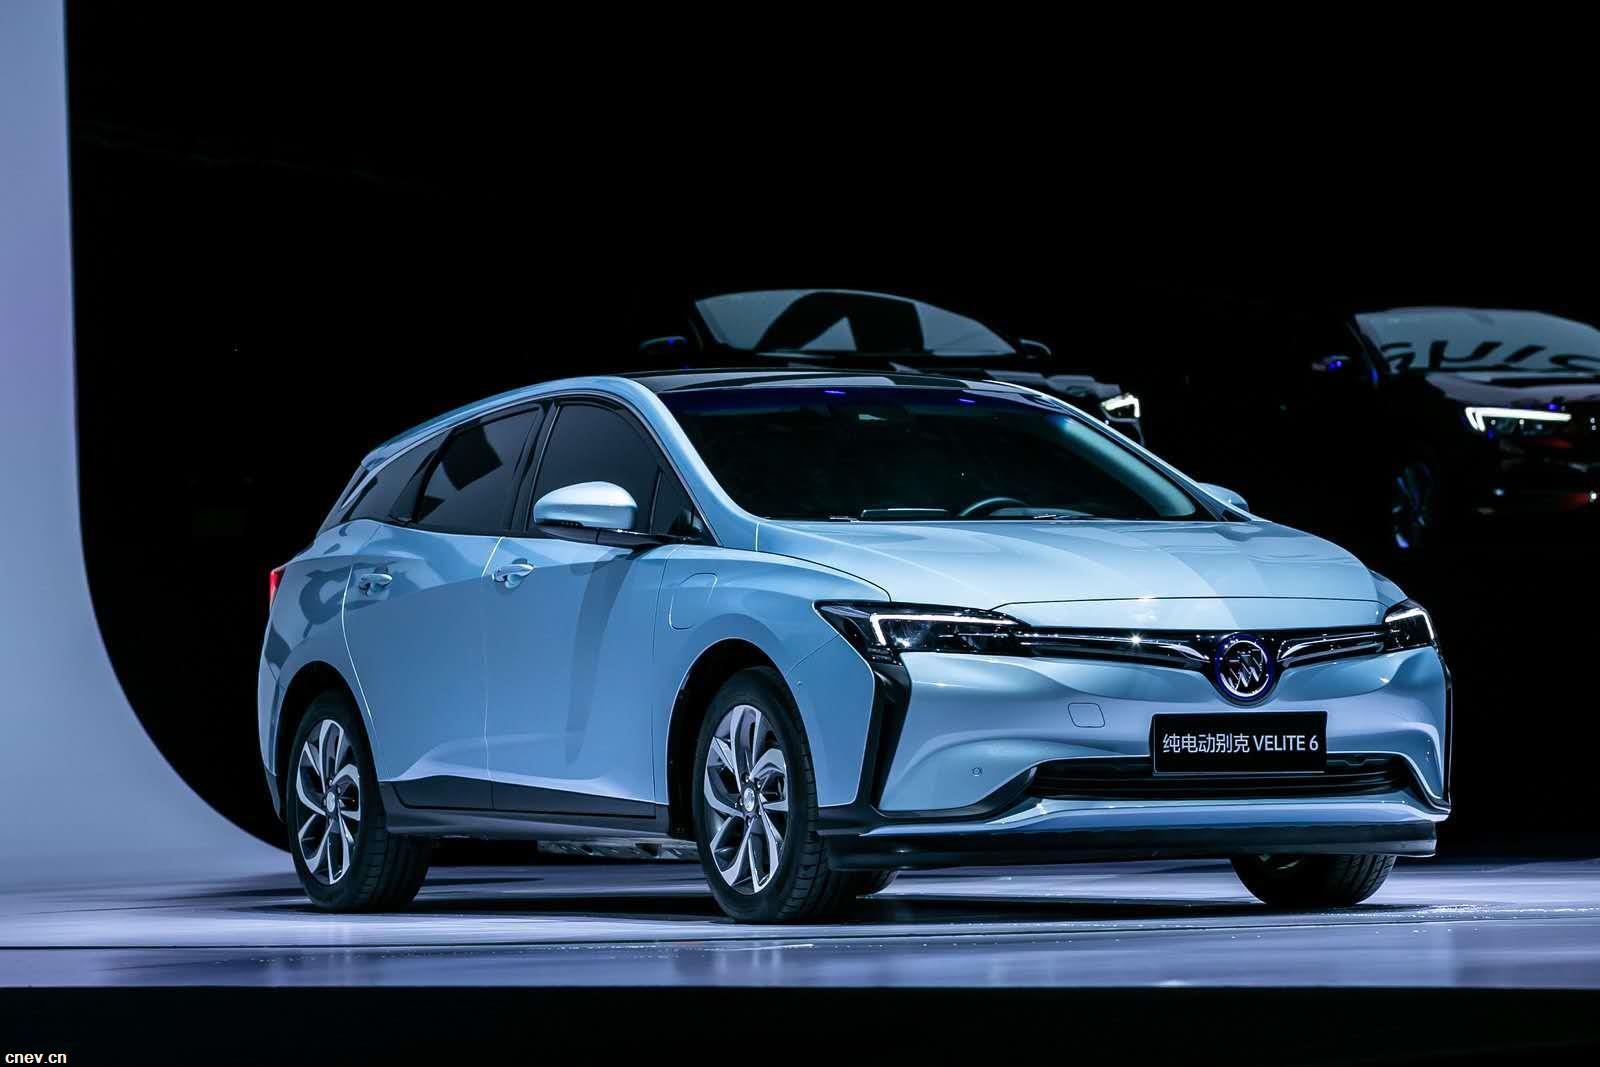 別克推出純電動汽車VELITE 6 售價16.58萬元起